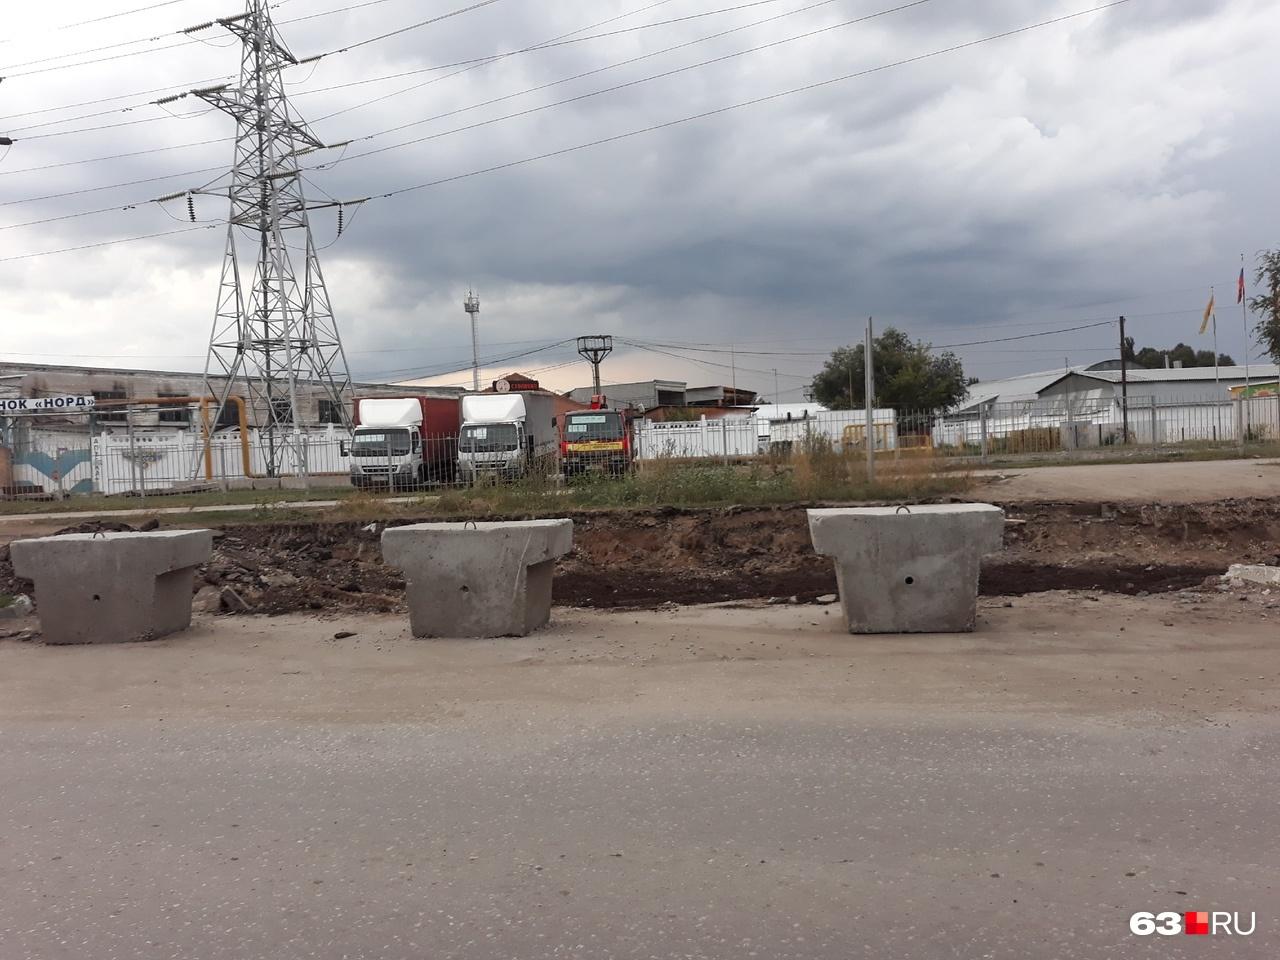 Рядом с перерытым участком установили бетонные блоки